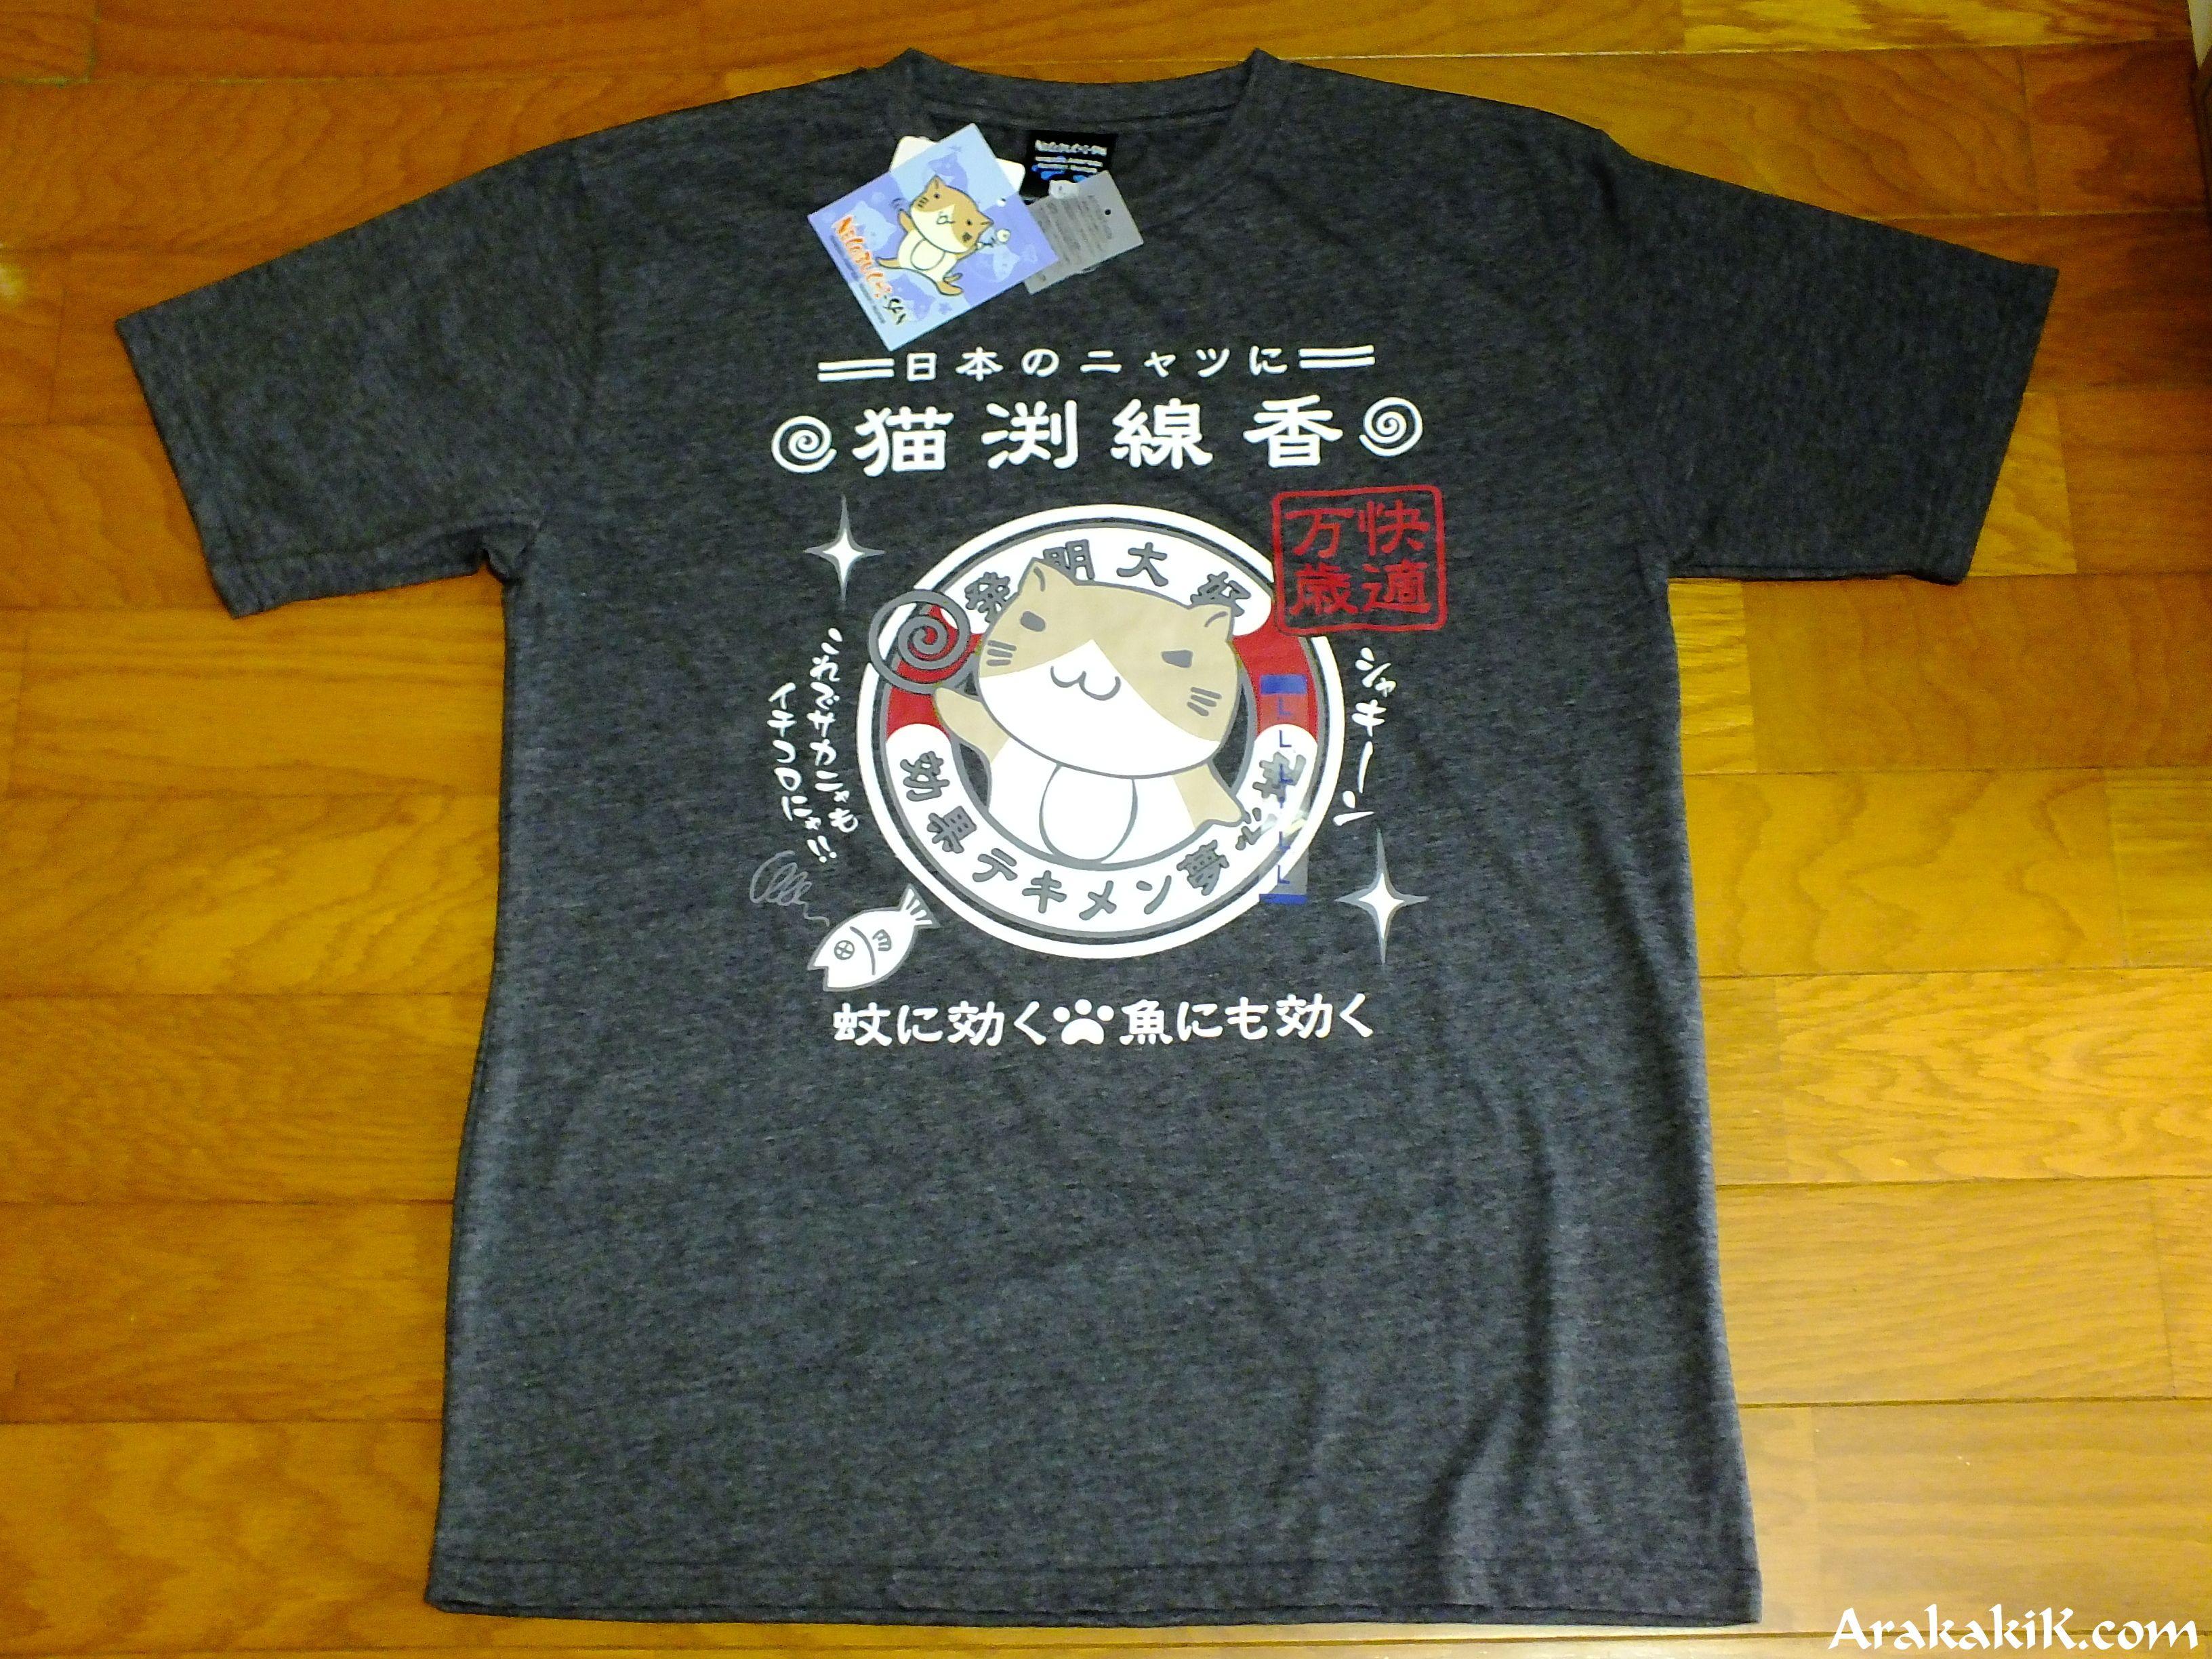 T shirt japanese design - My Japanese Design T Shirts Japan